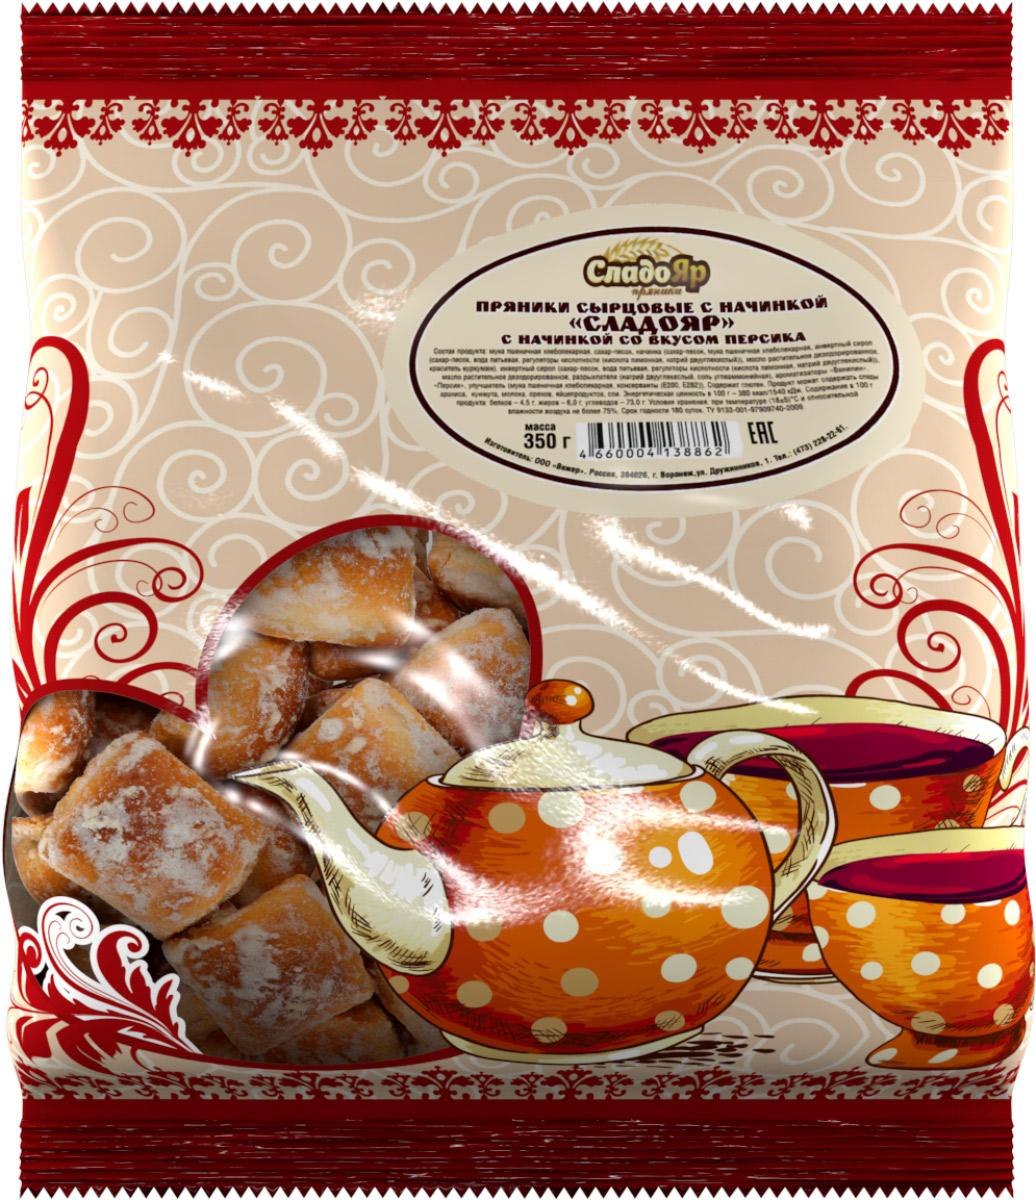 Сладояр пряники с начинкой со вкусом персика, 350 г4660004138862Маленькие прянички с нежной начинкой со вкусом персика.Уважаемые клиенты! Обращаем ваше внимание, что полный перечень состава продукта представлен на дополнительном изображении.